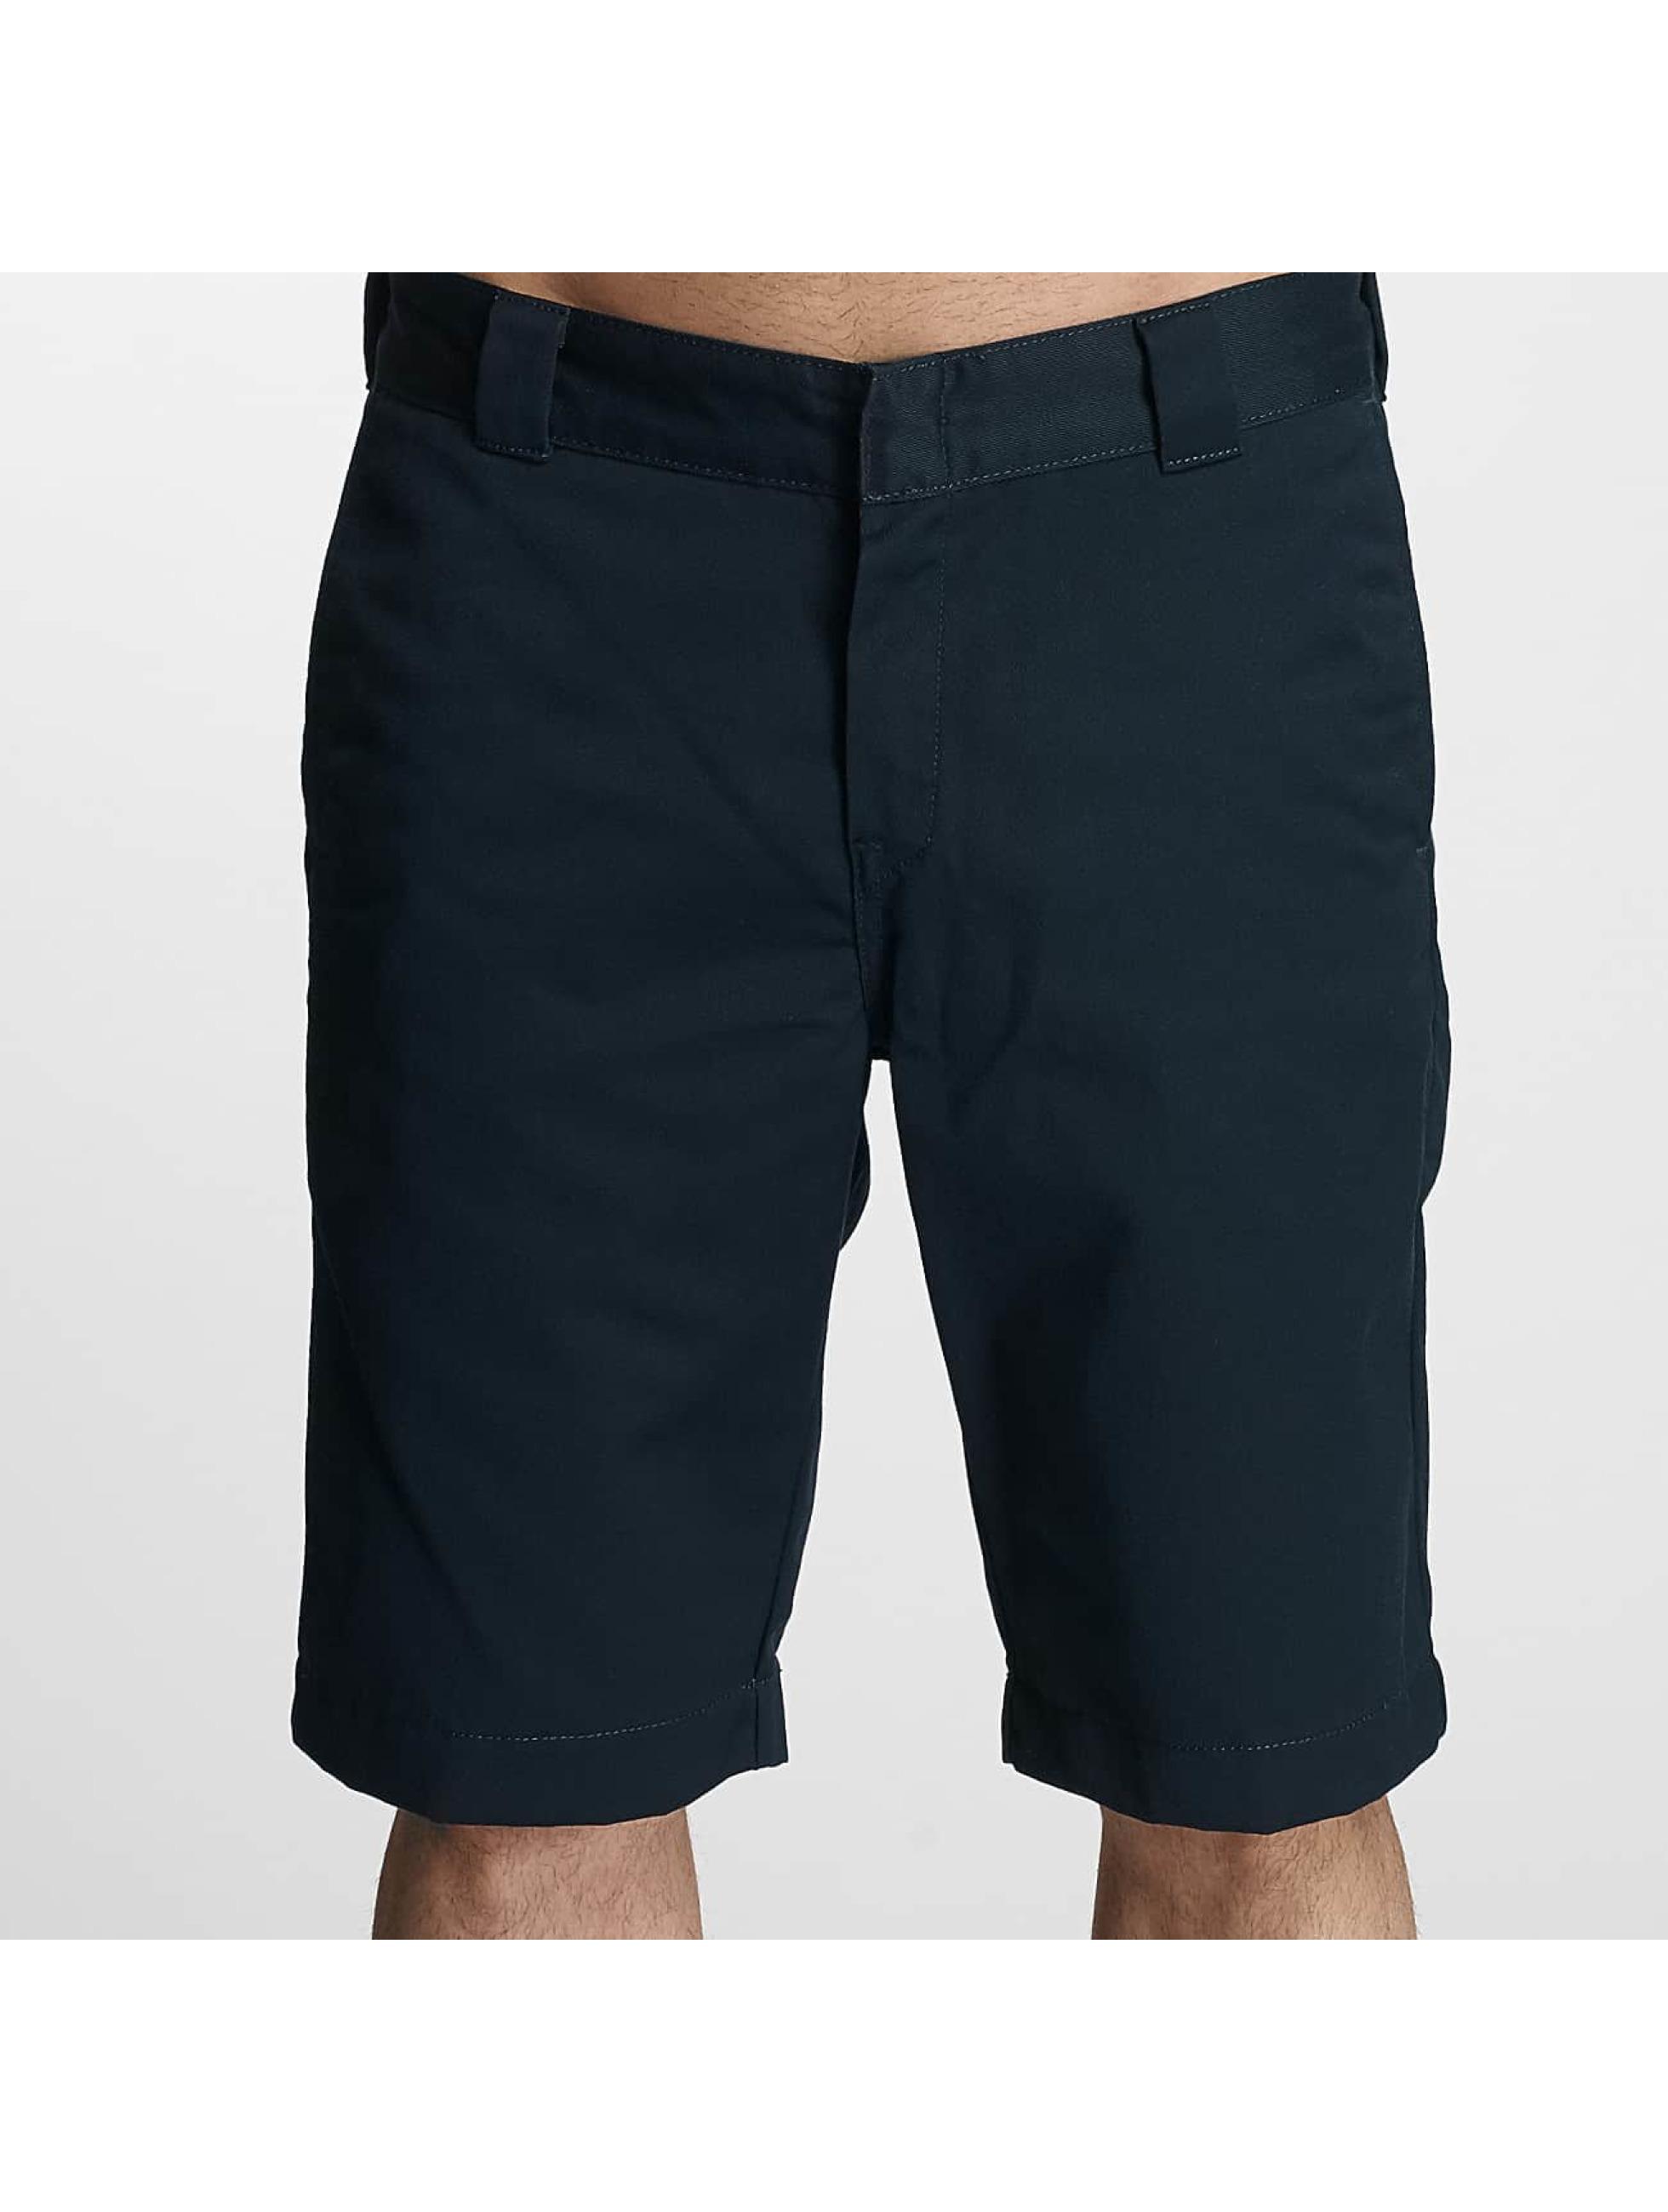 Carhartt WIP Short Master blue